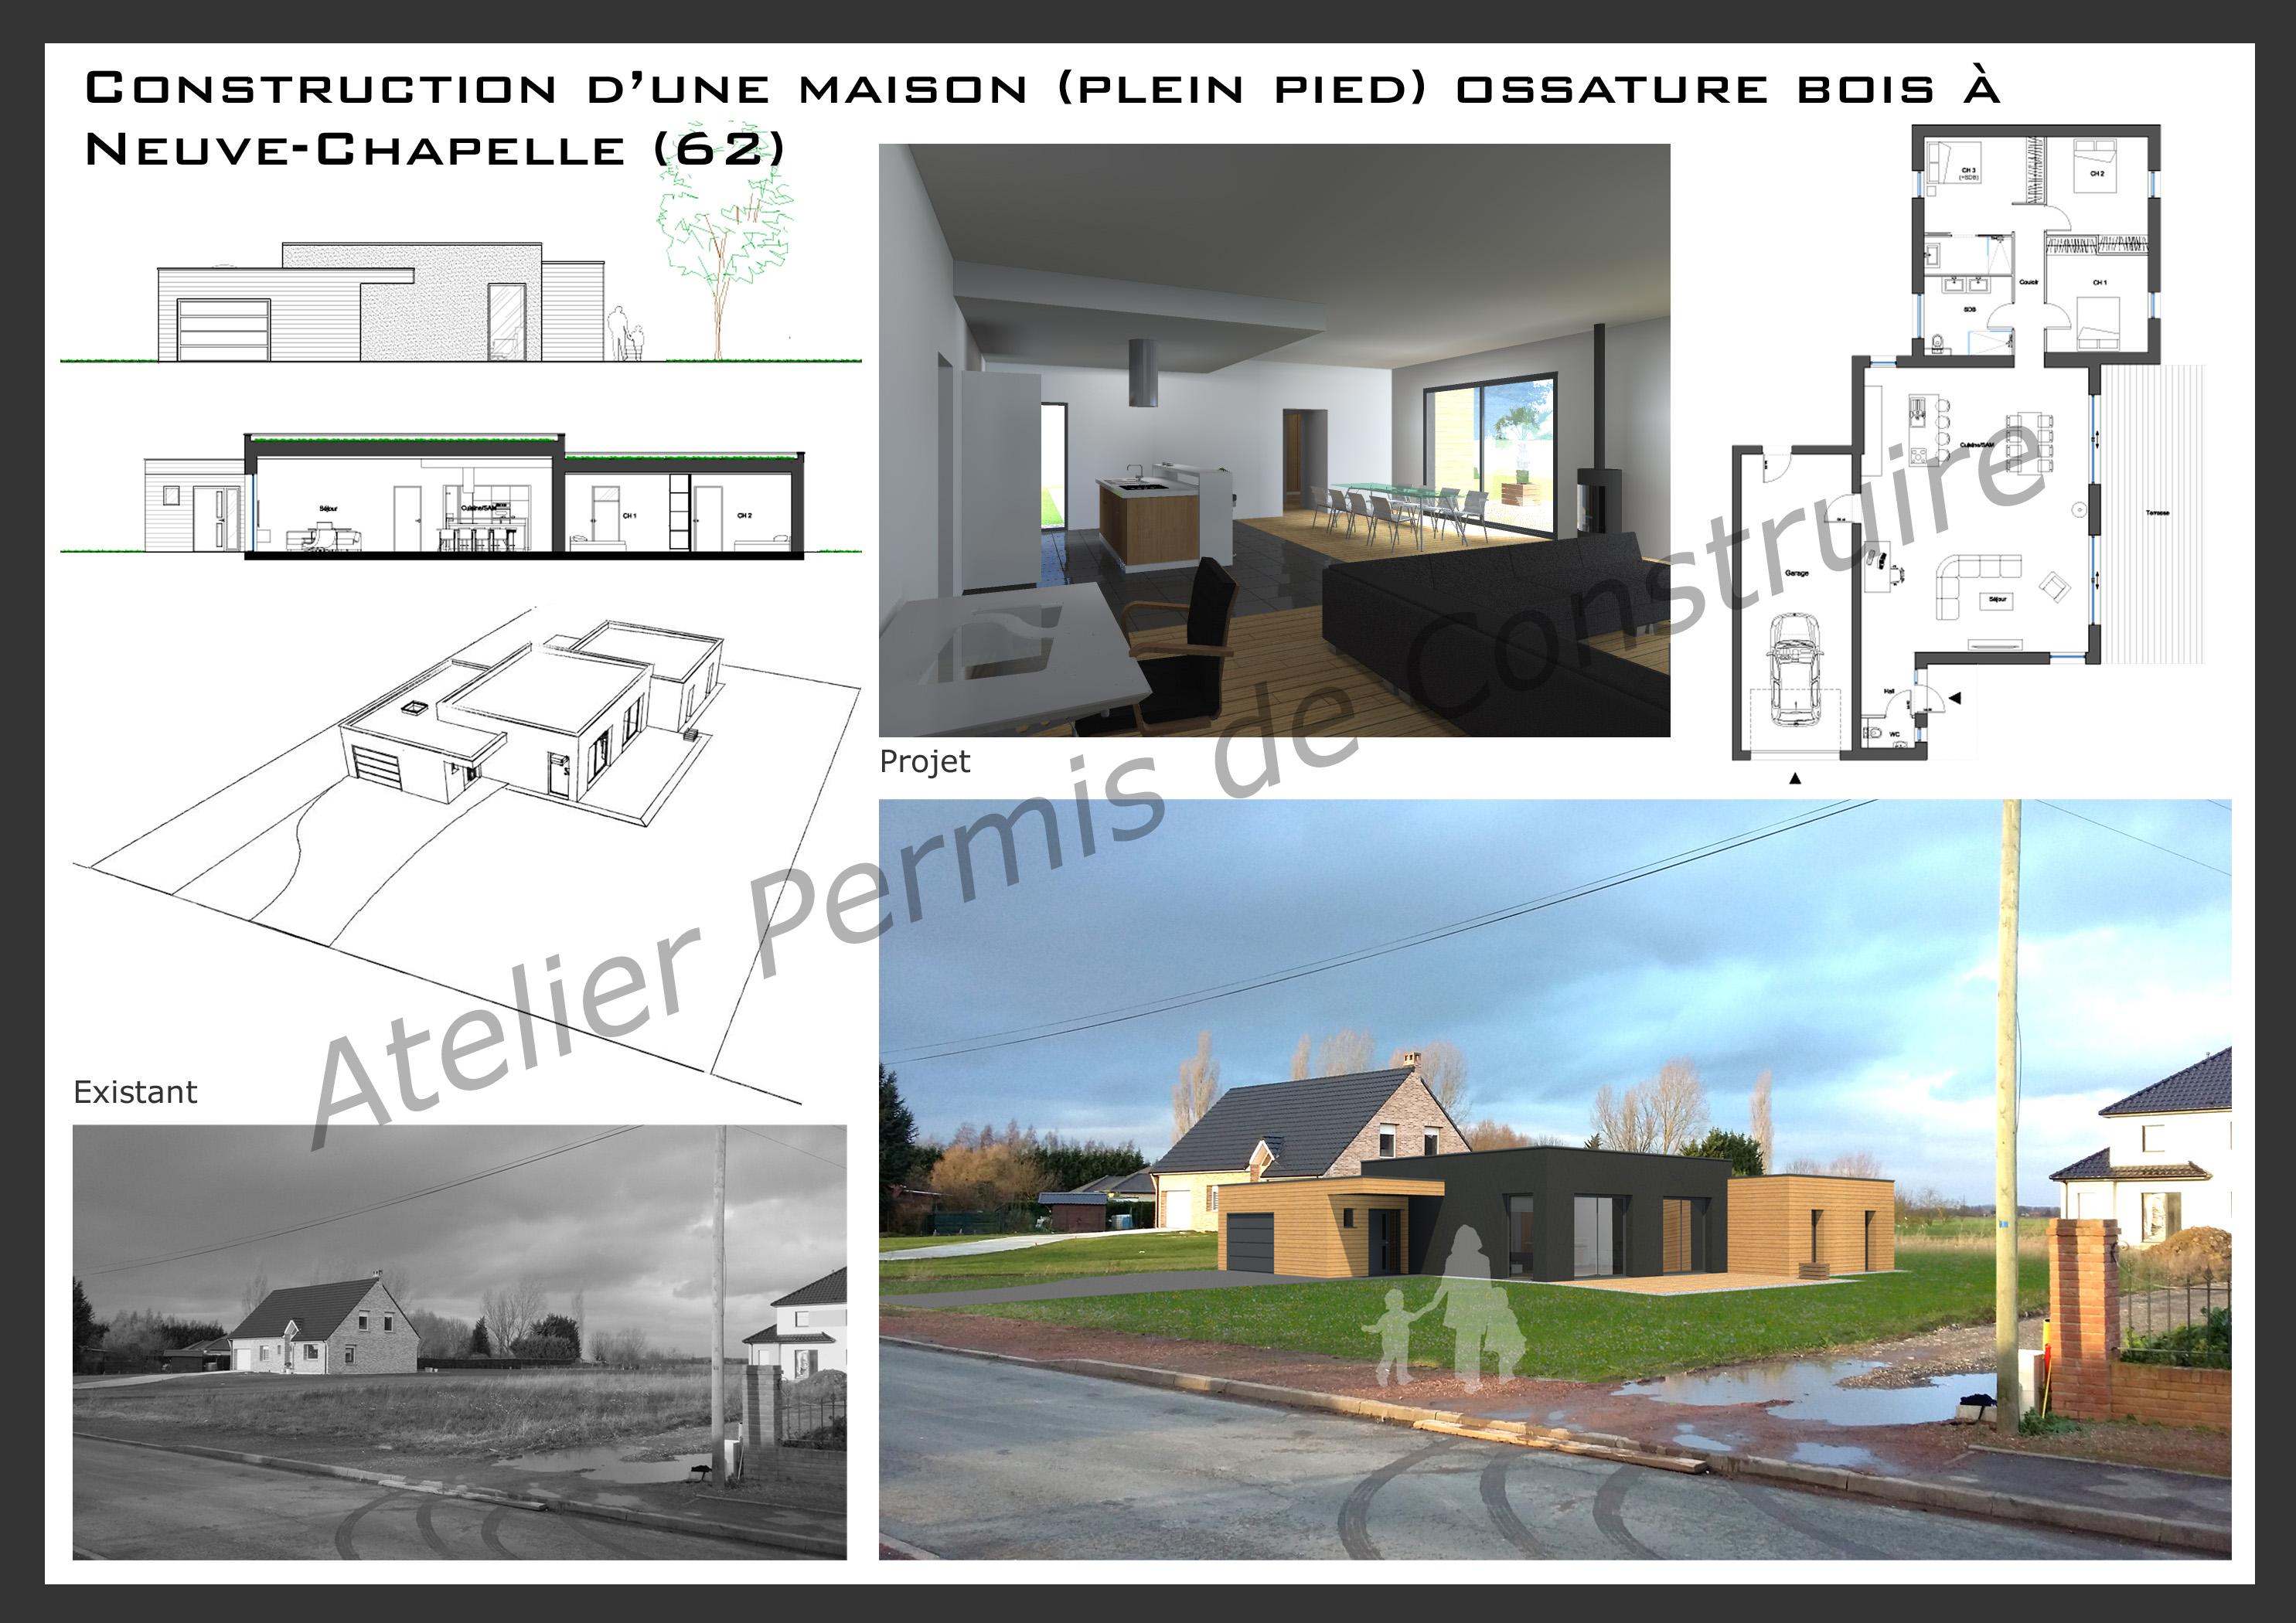 16.02 Atelier permis de construire maison Neuve Chapelle